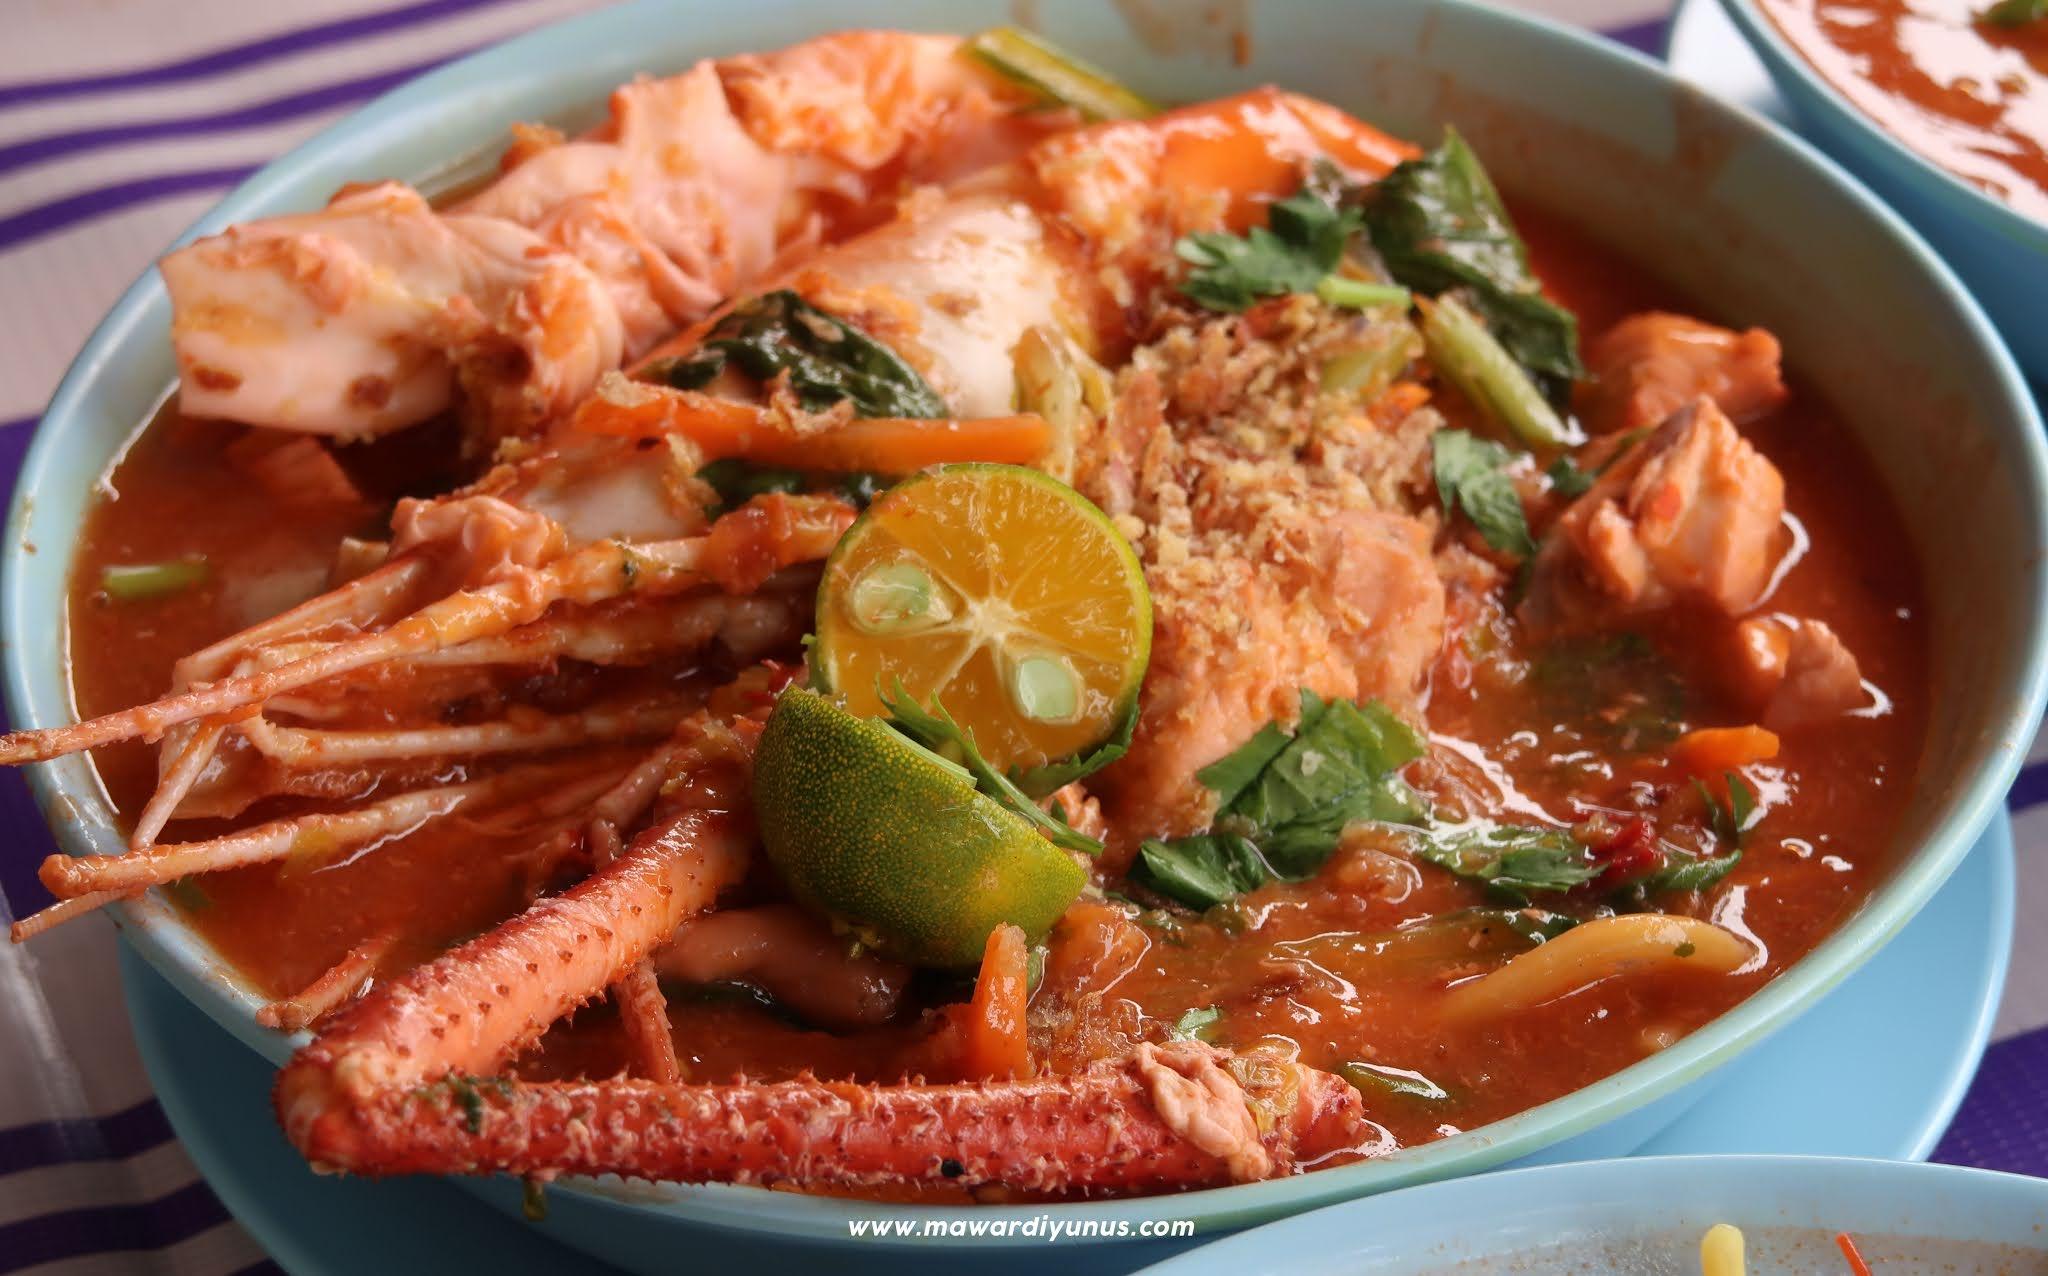 Makan Tengahari Mee Udang Galah Di Kuala Rompin Mawardi Yunus